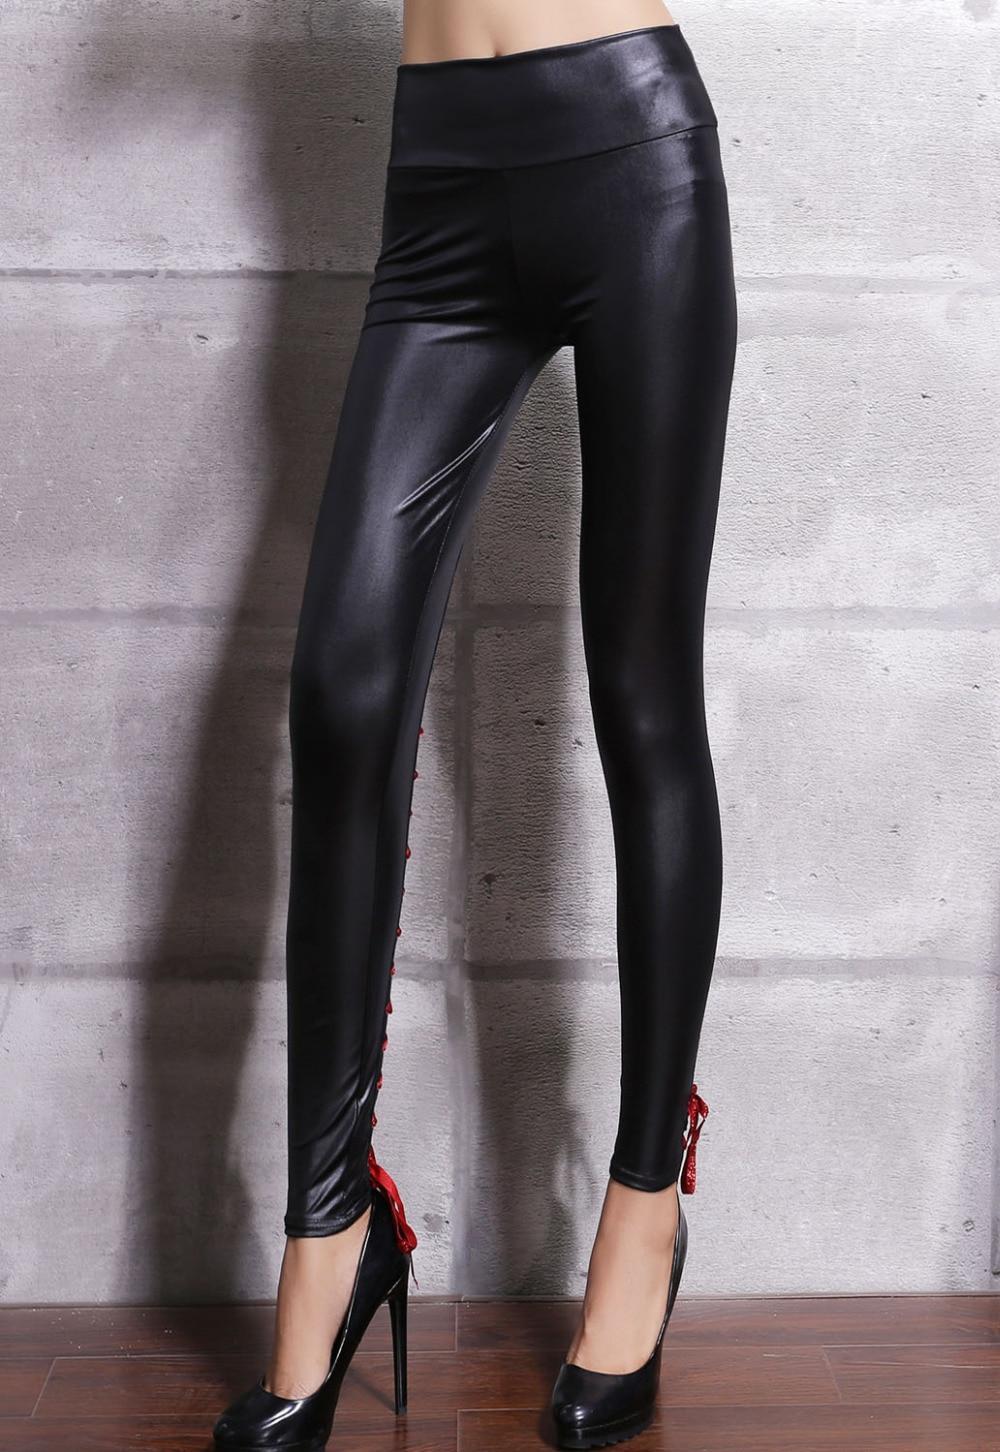 Solid Lace Up Faux Կաշվե ձգվող վզնոցներ - Կանացի հագուստ - Լուսանկար 4